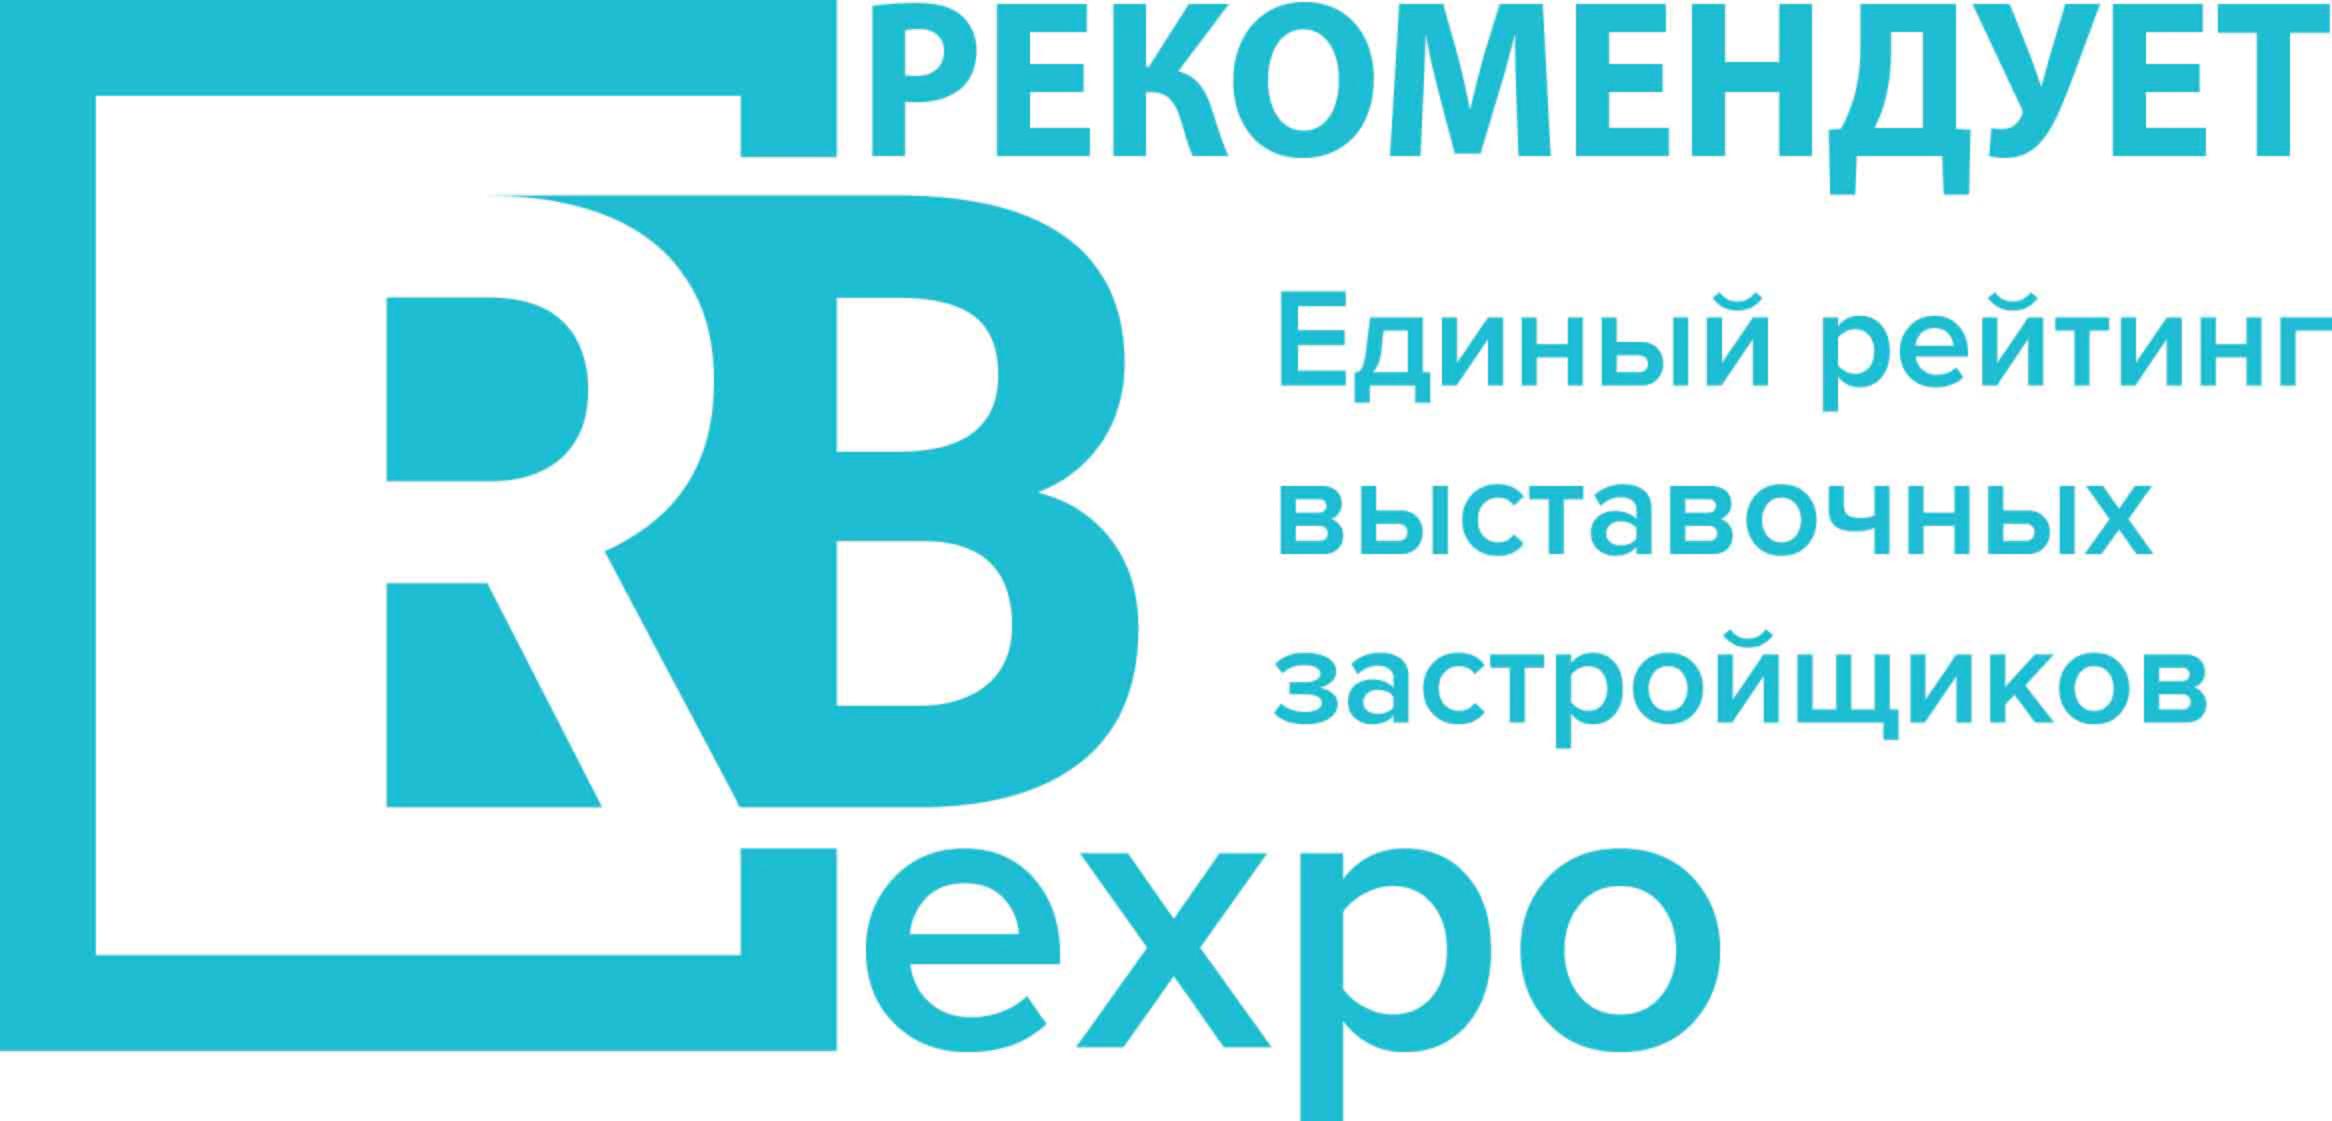 Рекомендовано RBexpo